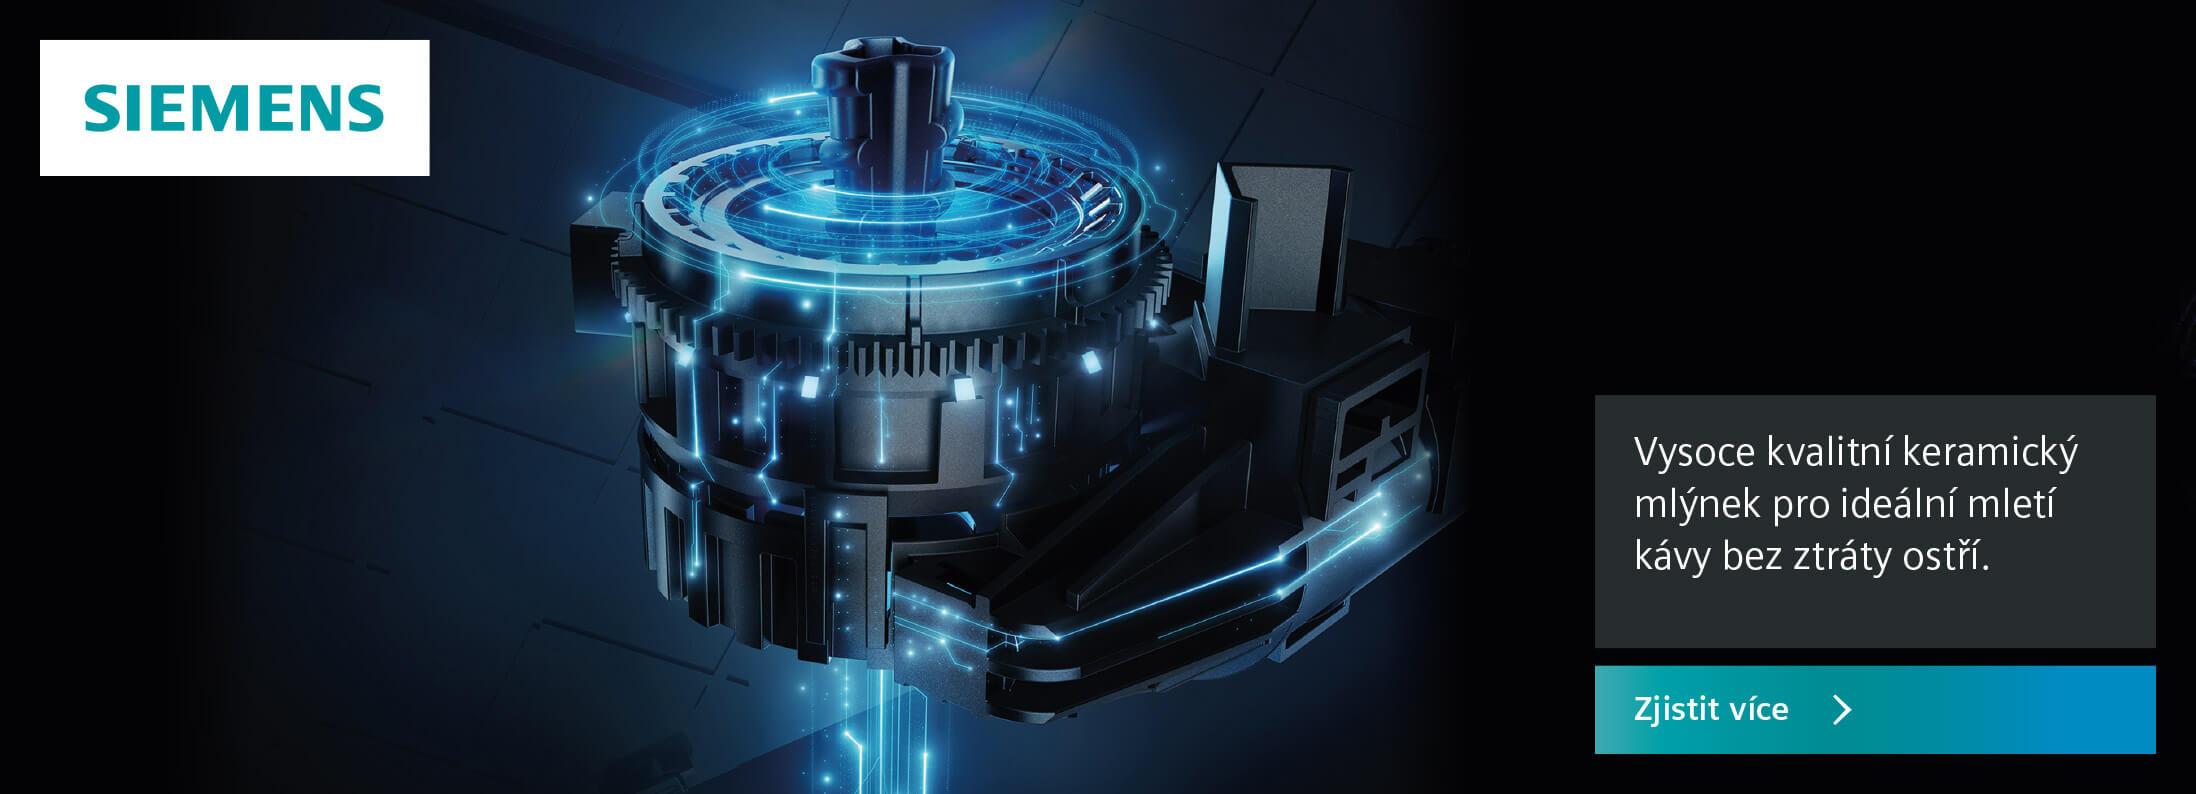 Siemens - Keramický mlýnek